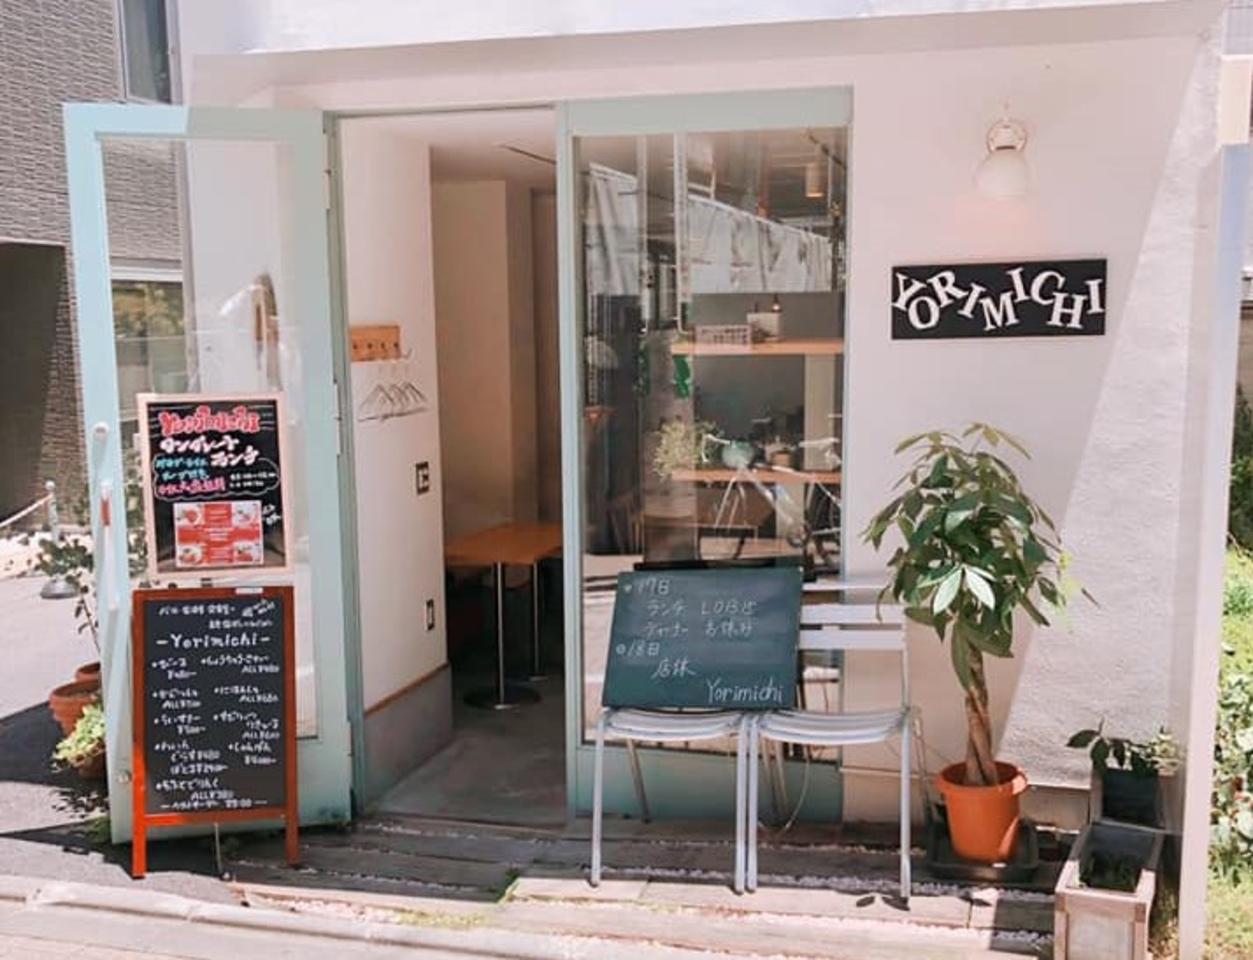 笹塚ダイニング&バー...東京都渋谷区笹塚3丁目の「よりみち」